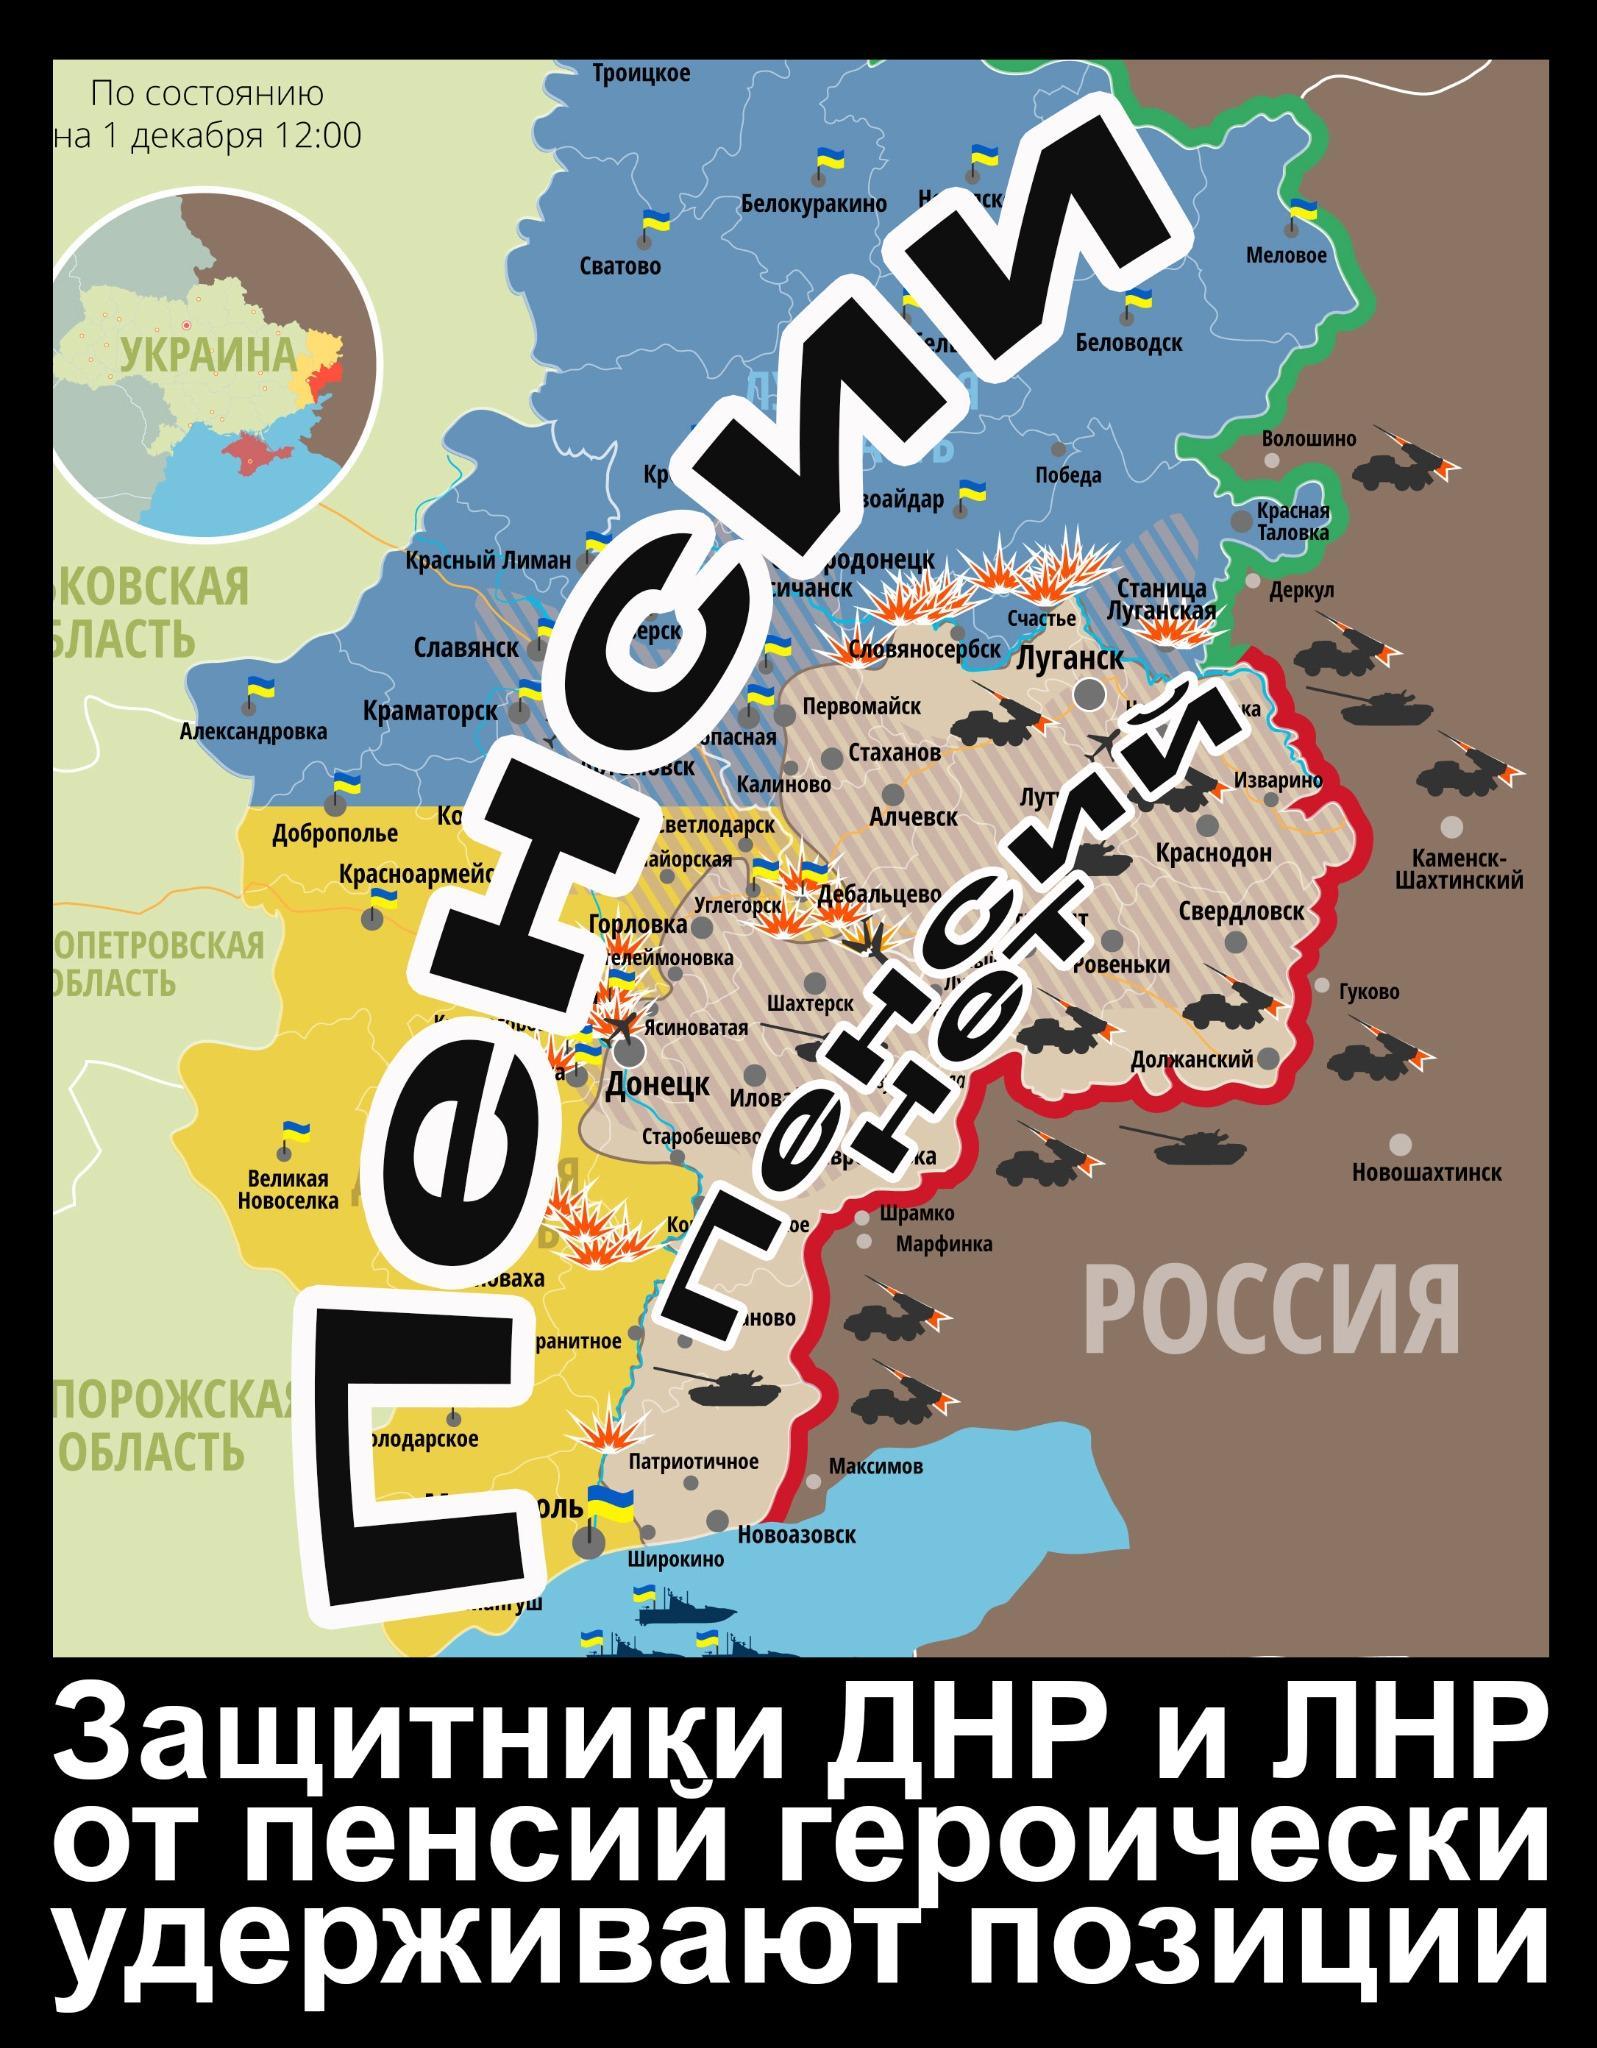 На Донбассе активизировались партизанские отряды украинцев, которые уничтожают живую силу и технику террористов, - СНБО - Цензор.НЕТ 7079